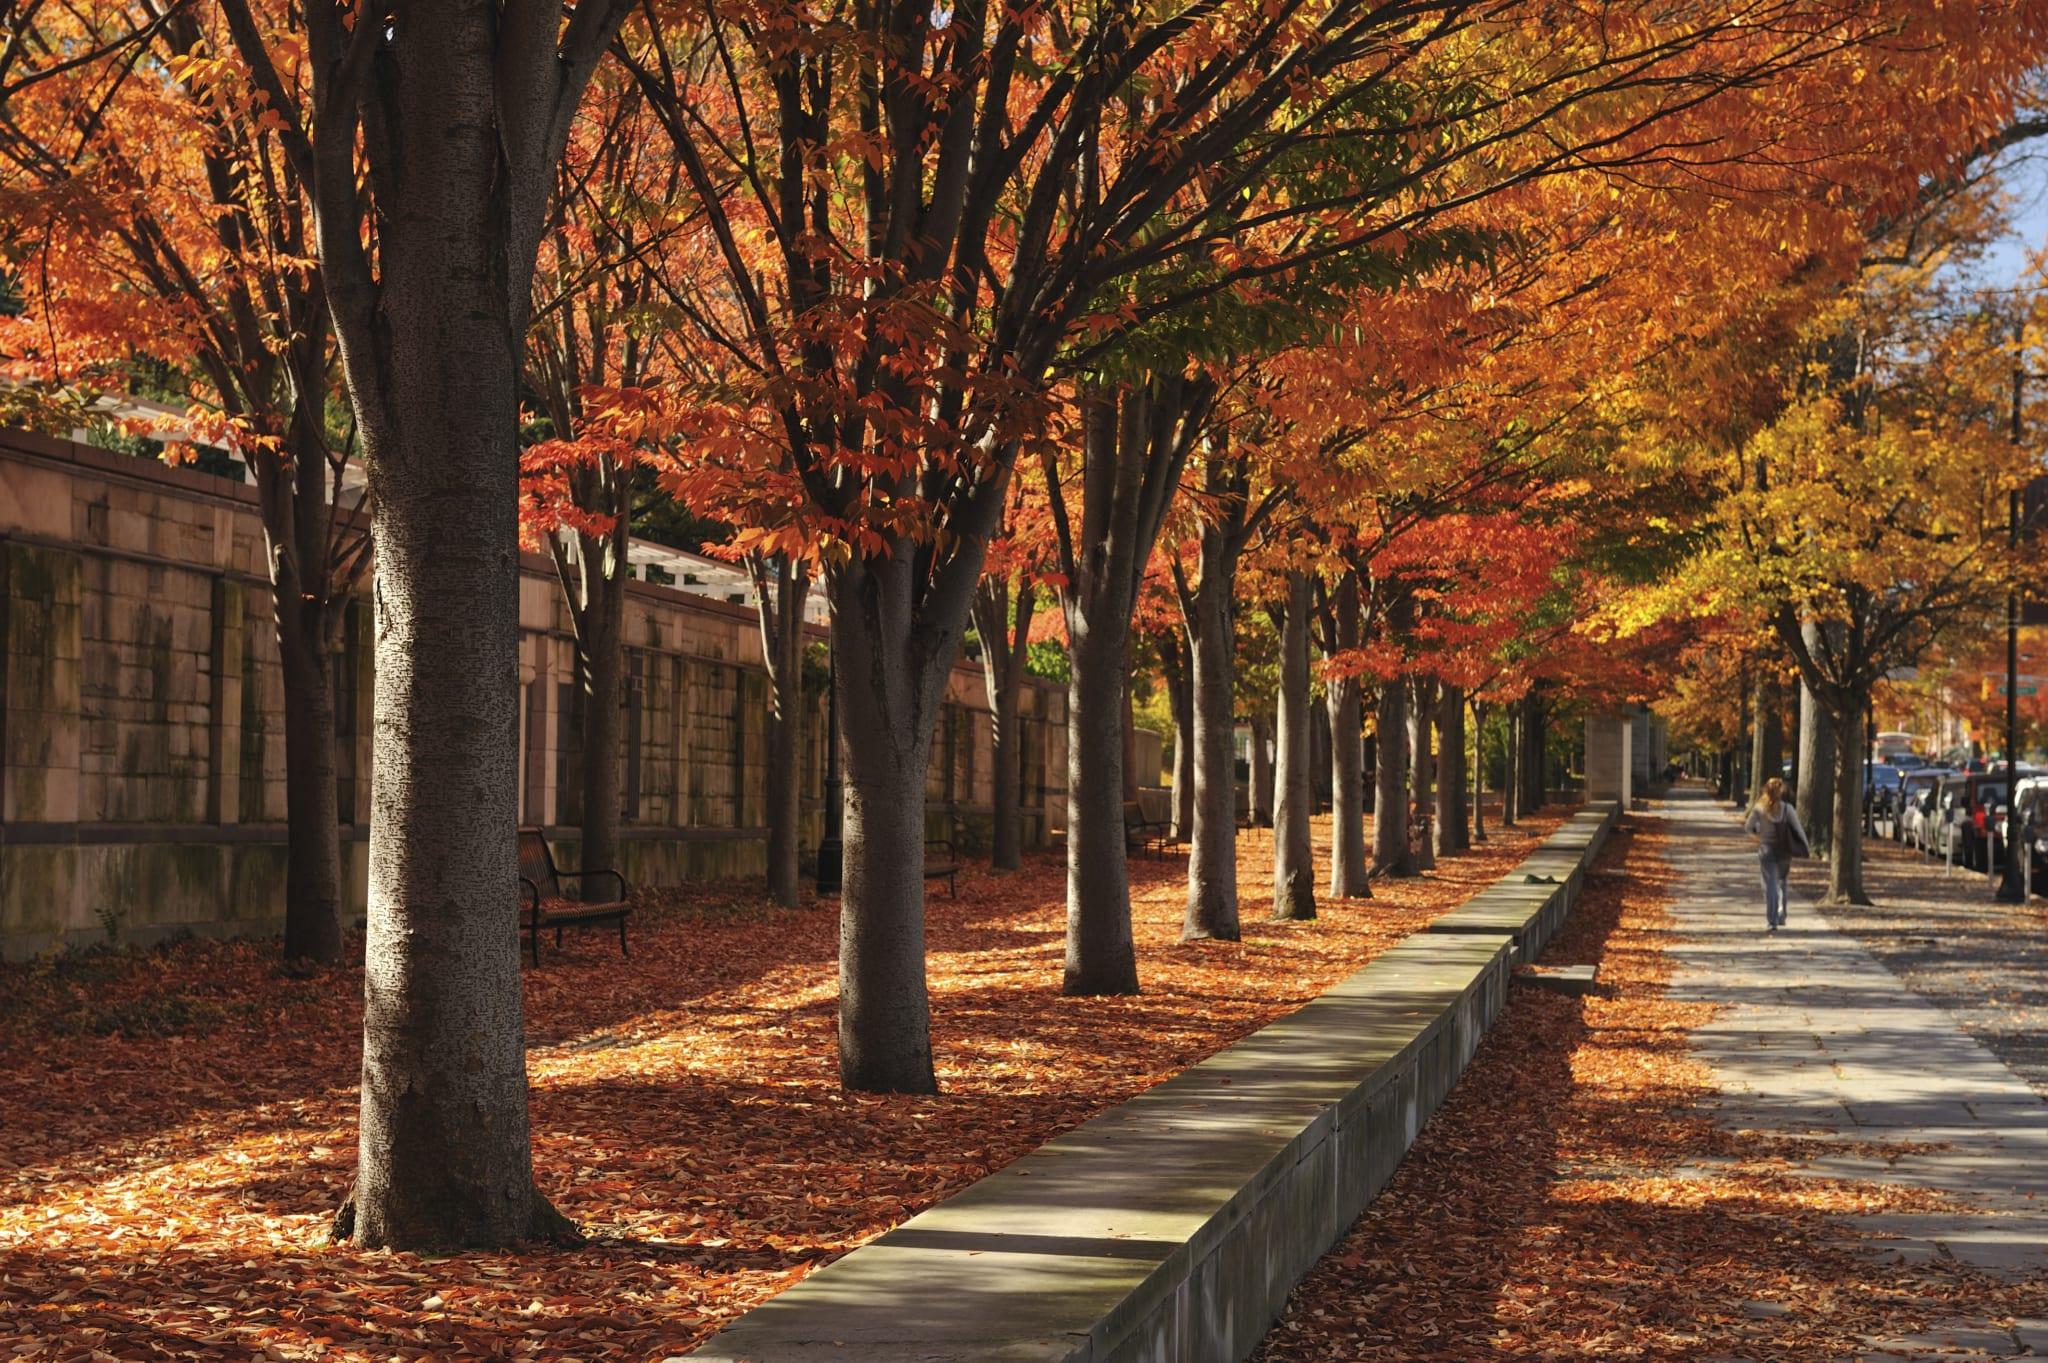 Princeton/Lawrence, NJ Medical Training Facility